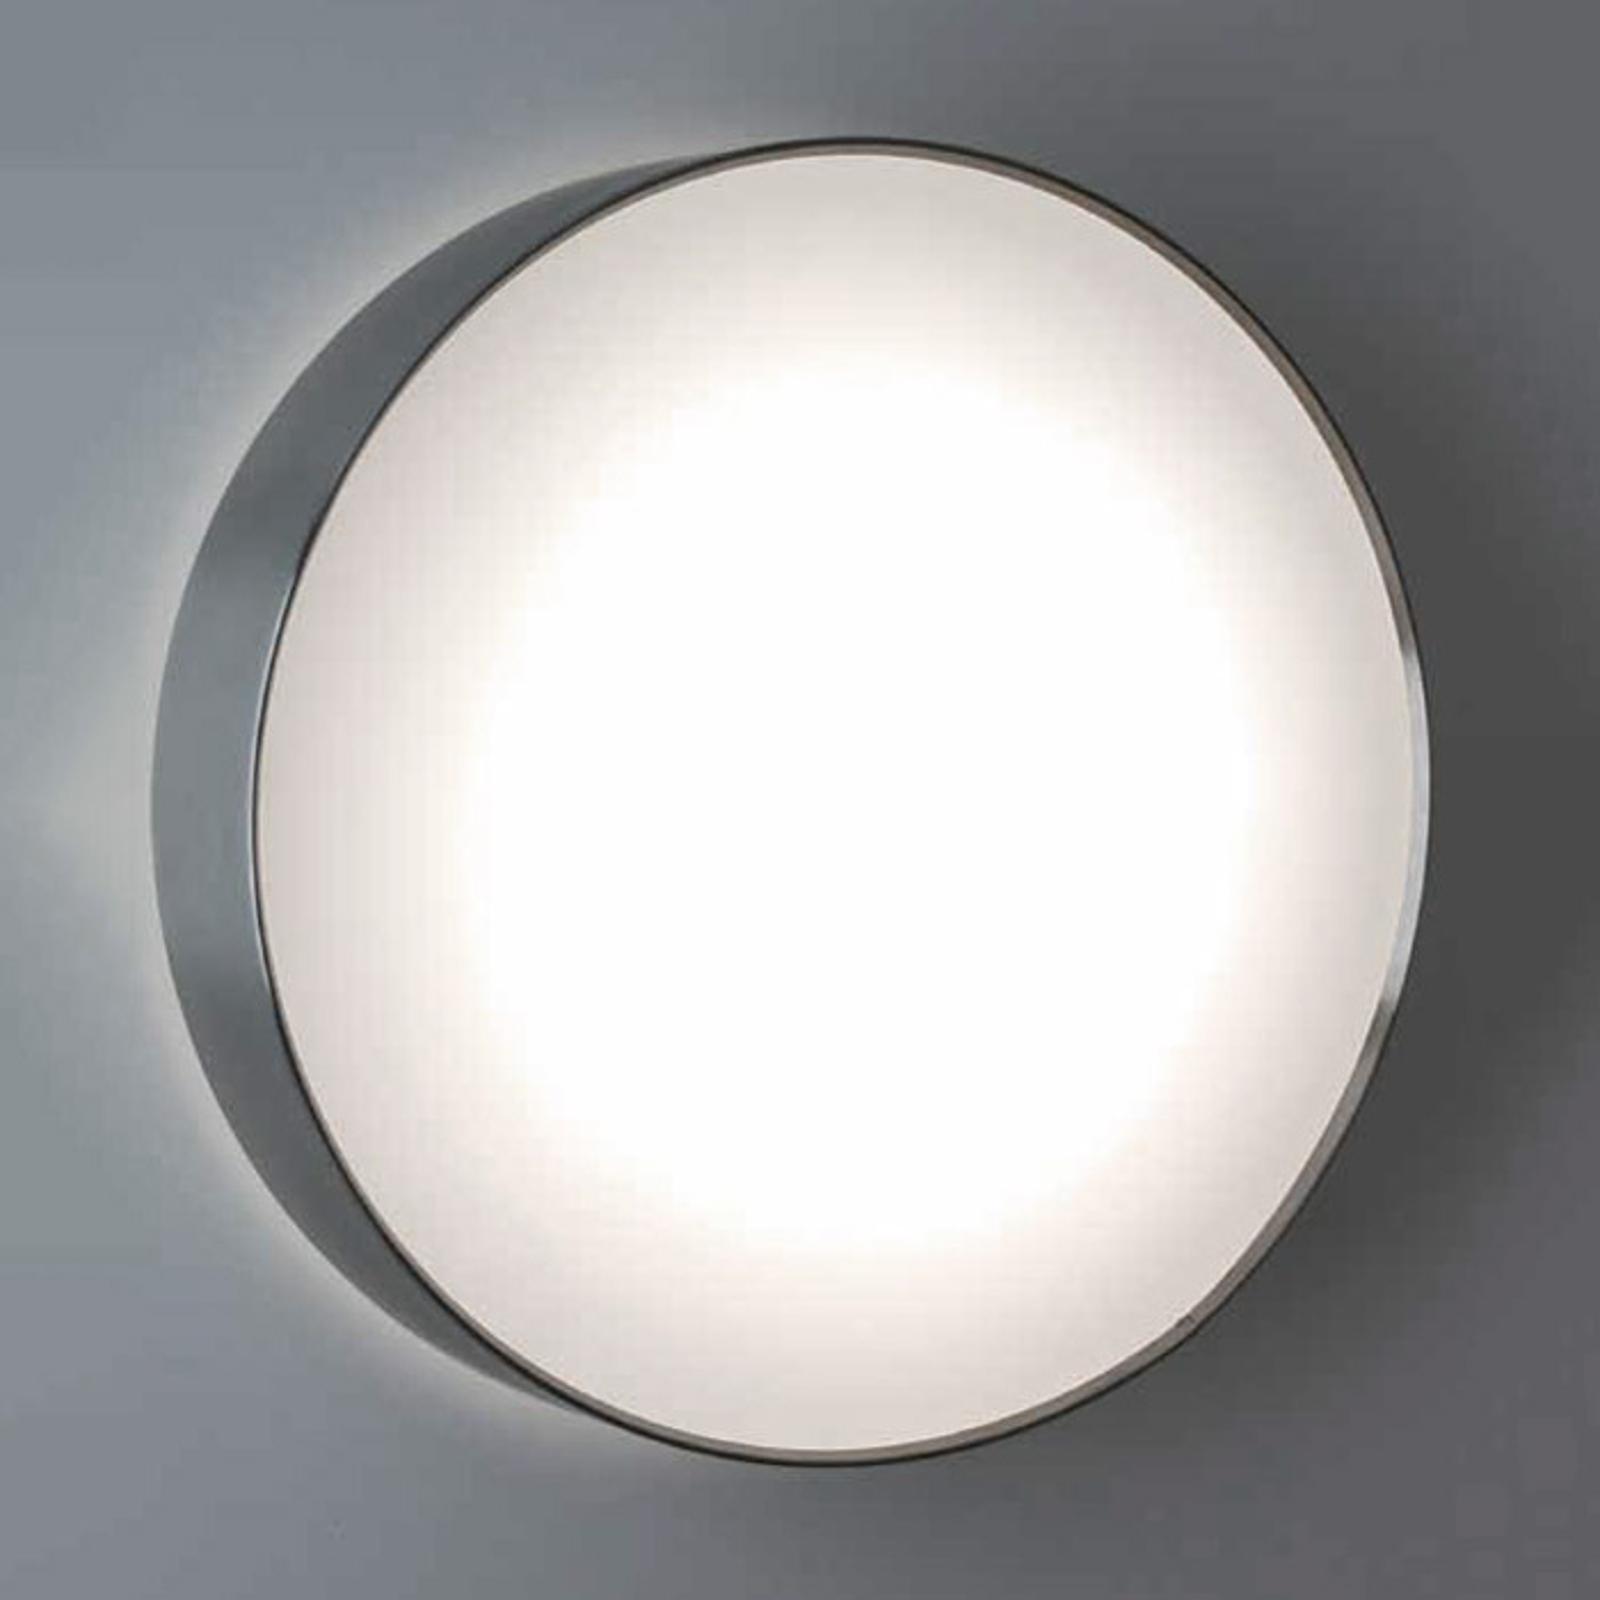 SUN 4 LED-taklampe i rustfritt stål m. 8 W og 4 K